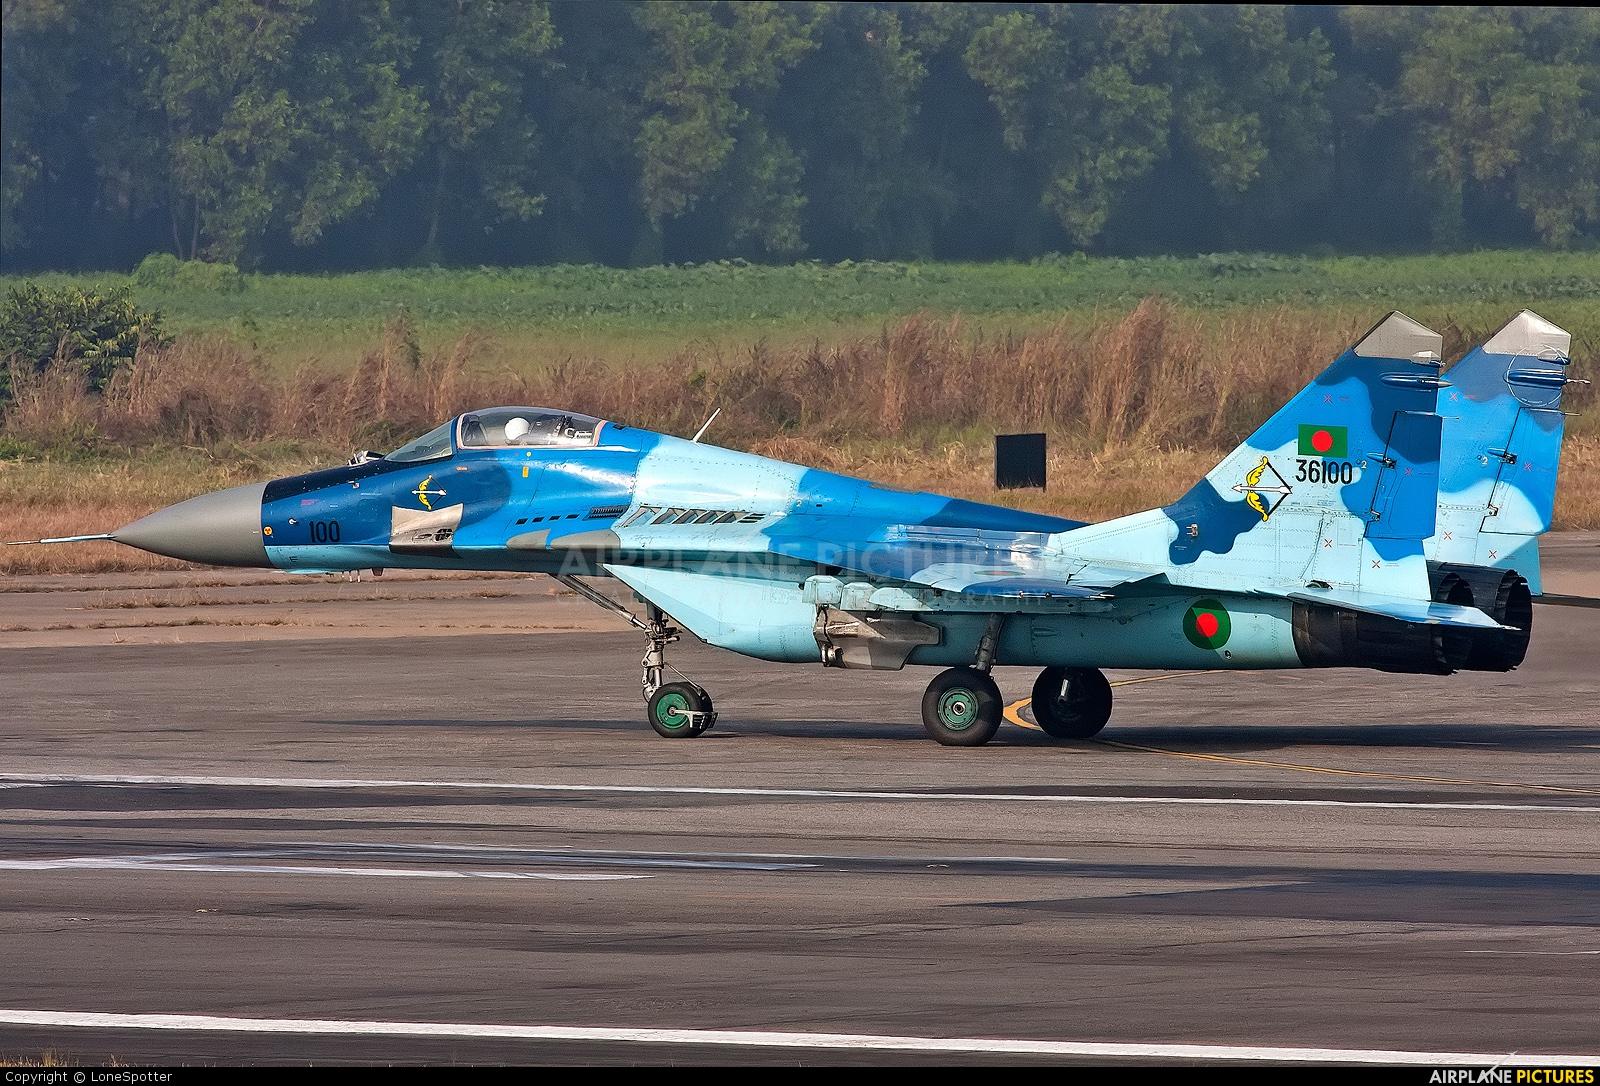 Bangladesh - Air Force 36100 aircraft at Dhaka - Hazrat Shahjala Intl